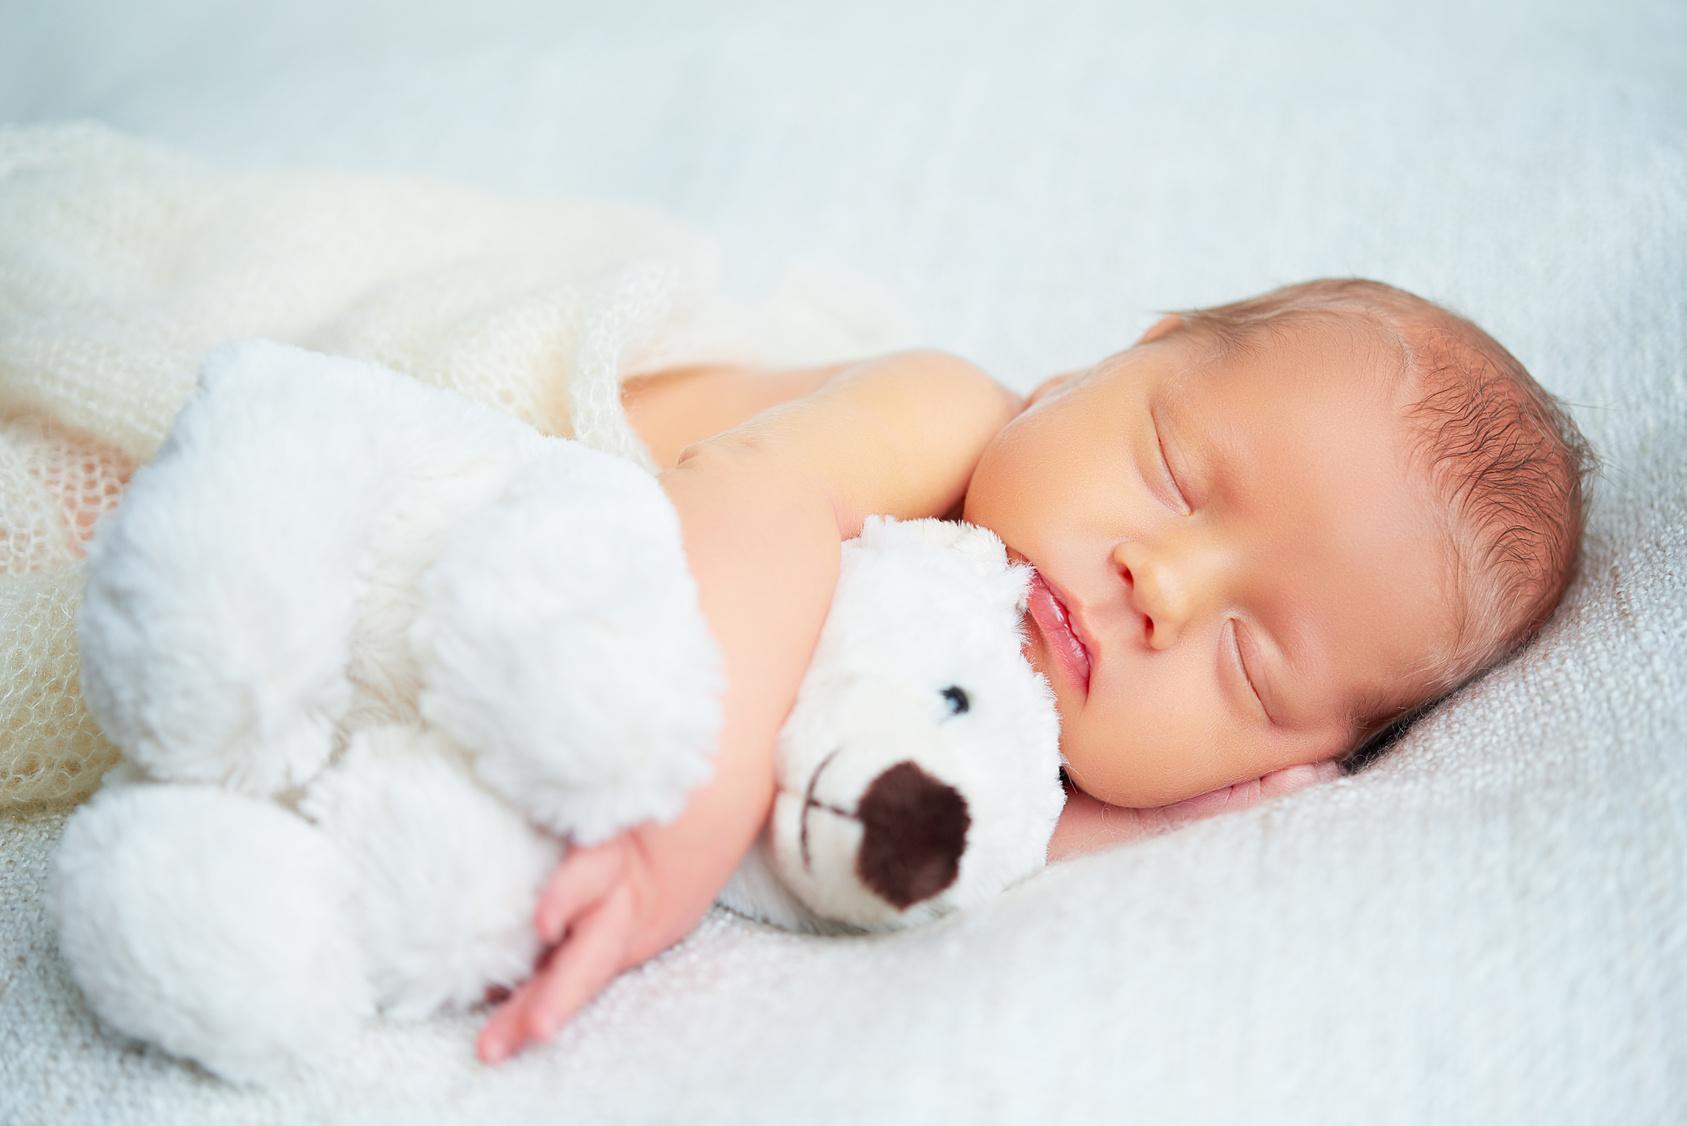 Schlafendes Baby auf weißem Laken mit weißem Stoffbären im Arm